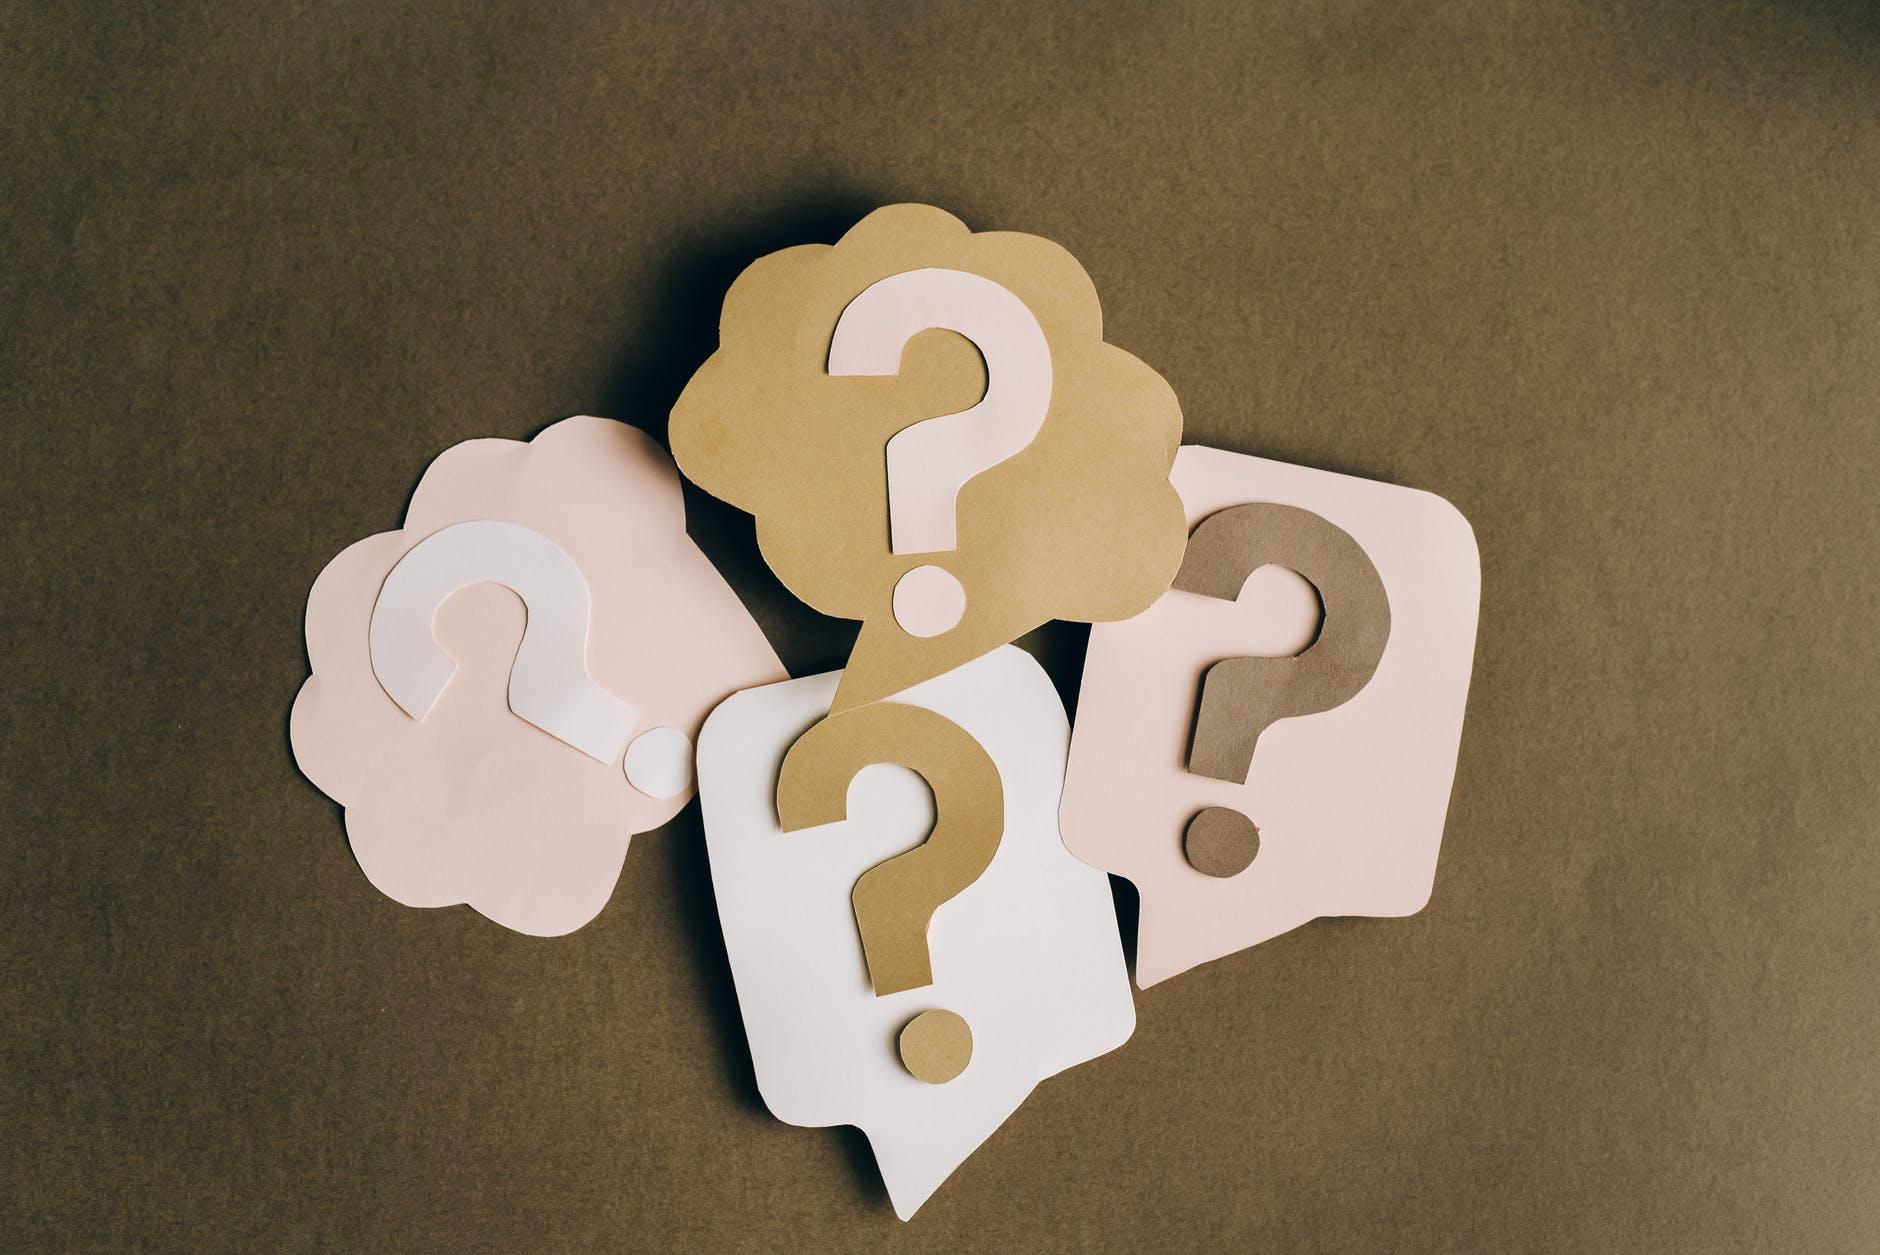 民間借貸是什麼?為什麼會需要民間借貸的存在?